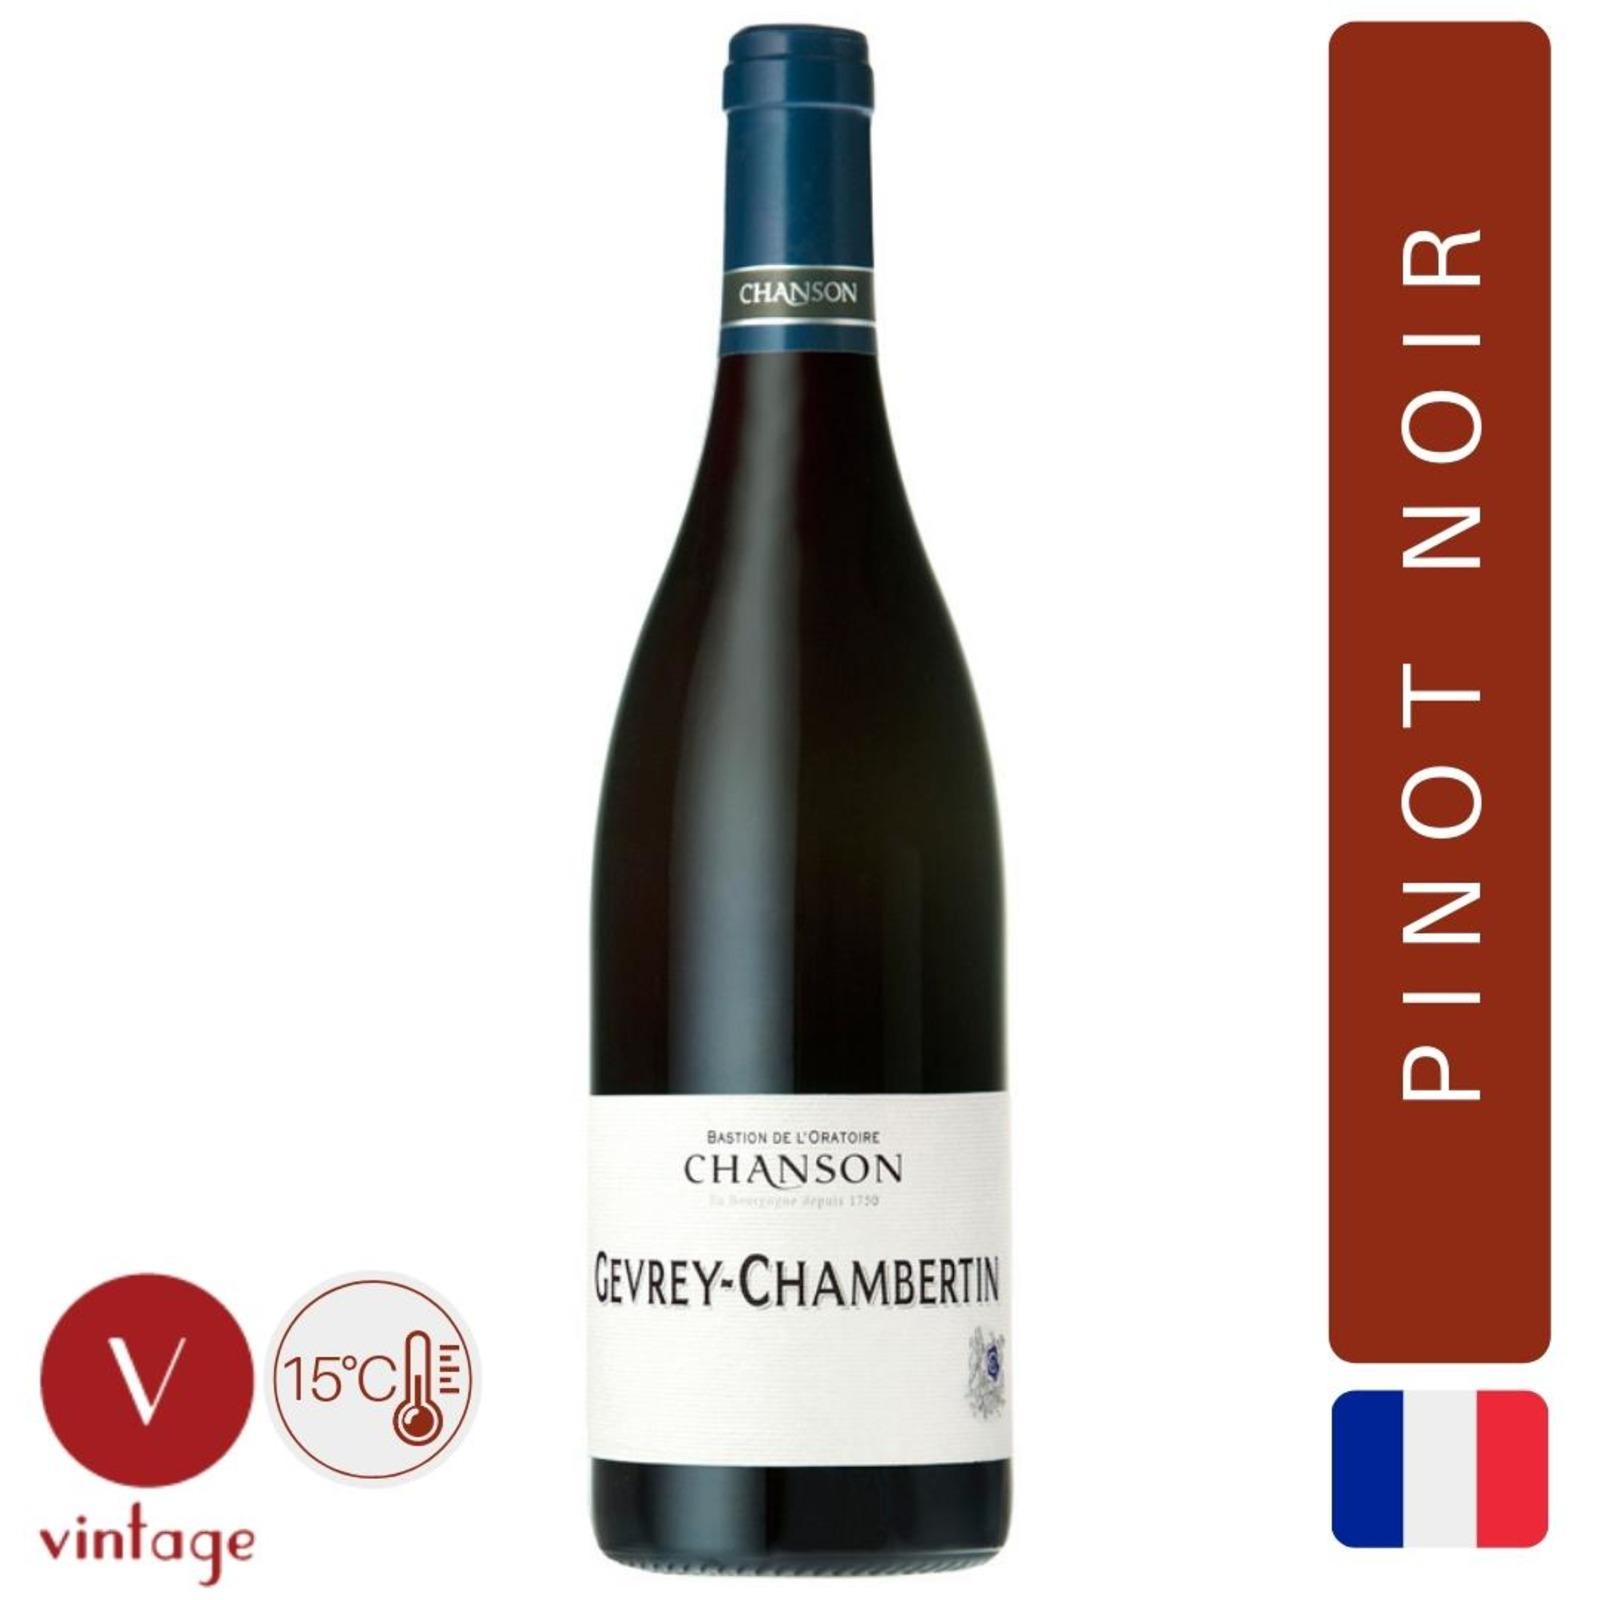 Domaine Chanson - Gevrey Chambertin - Red Wine